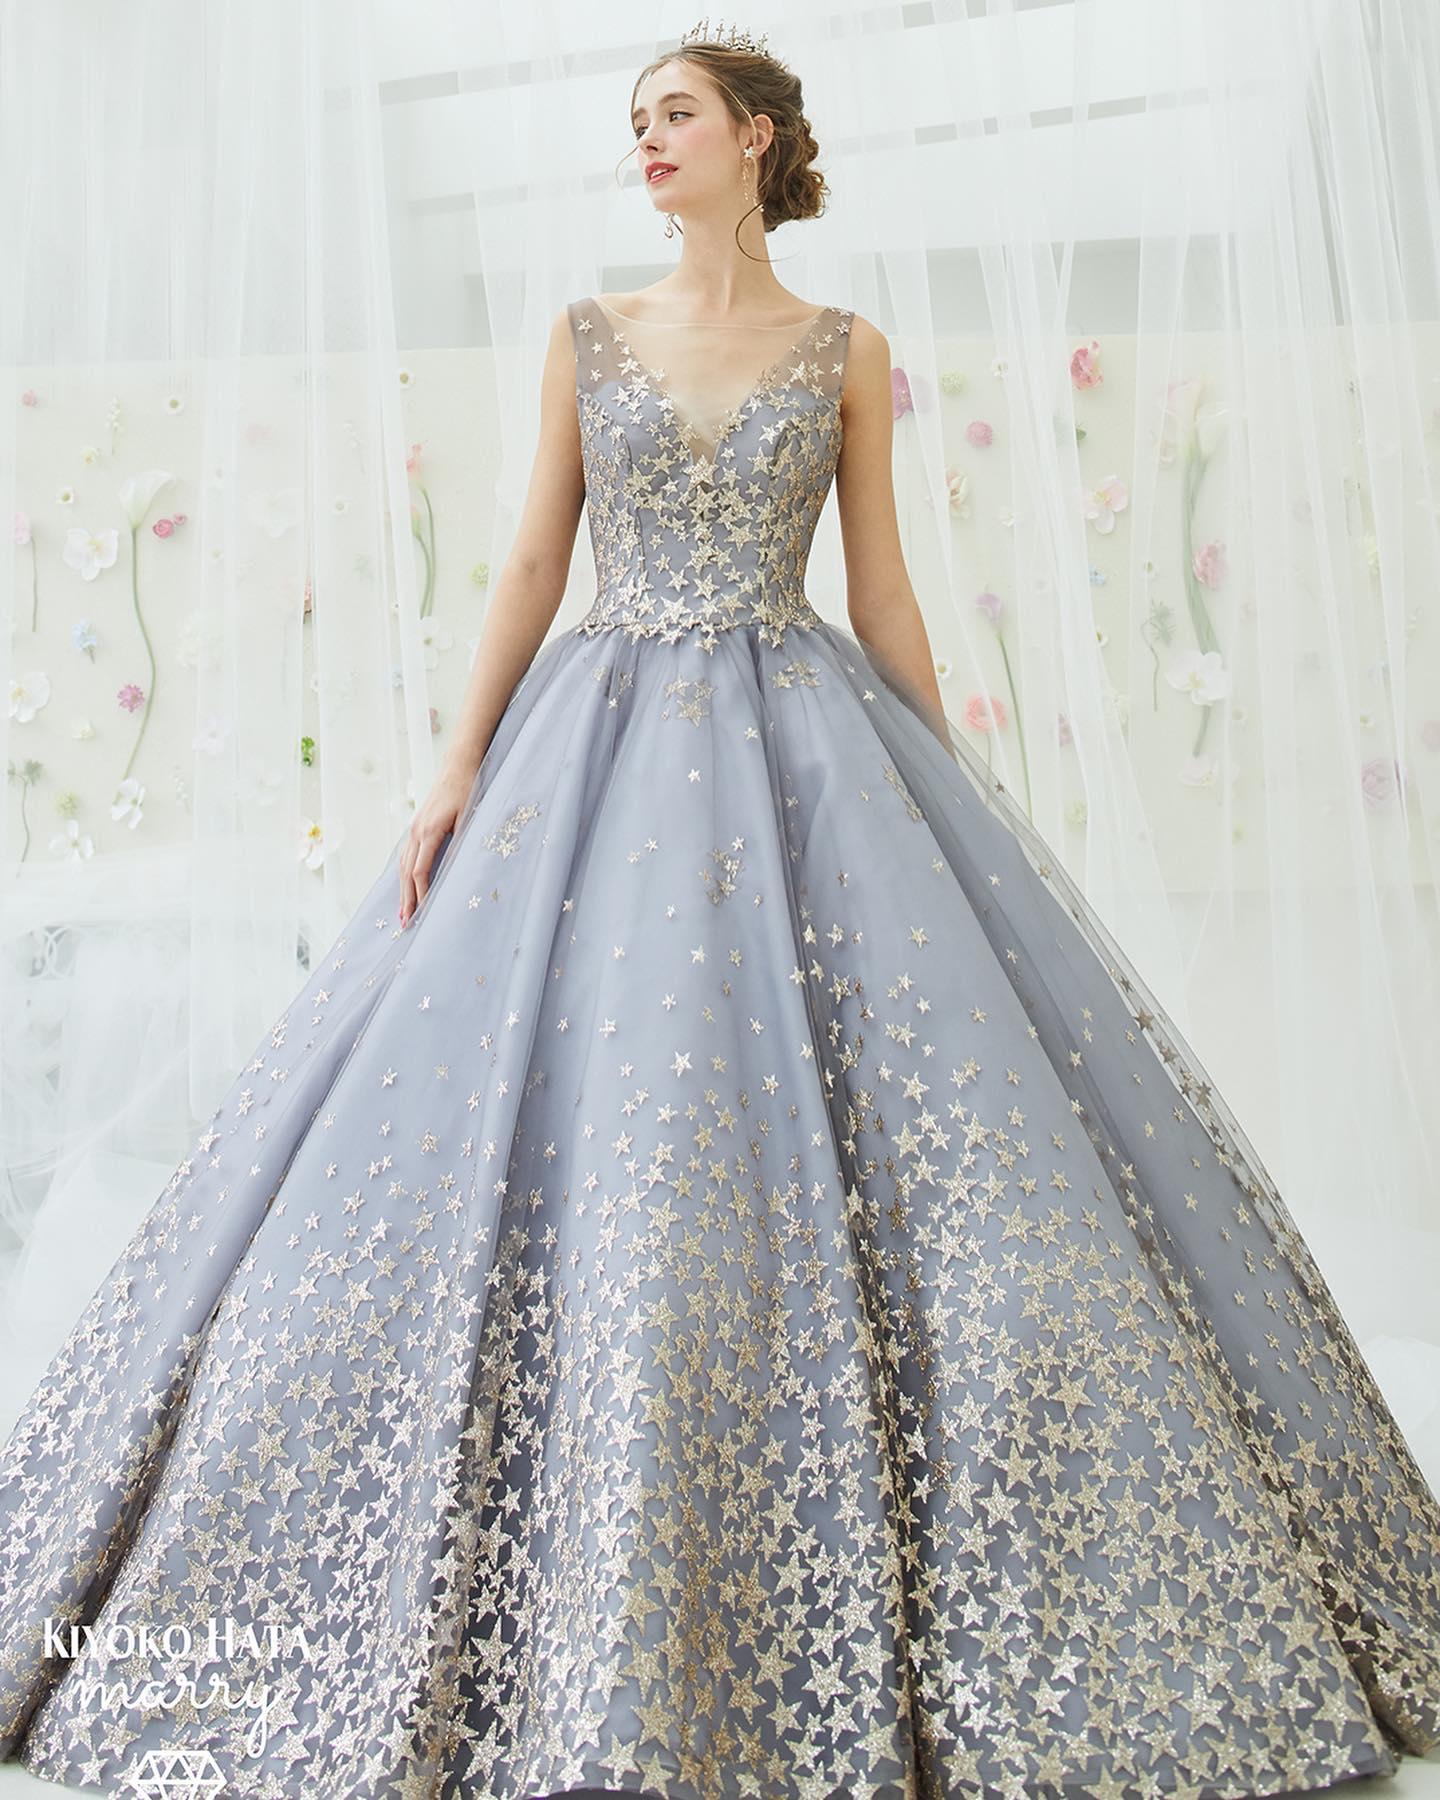 ・今日は【KIYOKO HATA × marry】コラボのカラードレスをご紹介・美しいデコルテラインやインポートブランドのように背中も大きく開いたデザインがスタイリッシュで大人っぽい印象・ドレス全体に散りばめられた星が動くたびにキラキラと輝いてとても華やかなスタードレス・なかなか他にはないデザインなのでぜひ試着してみて下さい・ 【KIYOKO HATA × marry】CD0352KH-0026 Gray スタードレス・#wedding #weddingdress #bridalhiro #kiyokohata #marry#ウェディングドレス #プレ花嫁 #ドレス試着 #2021冬婚 #ヘアメイク #結婚式  #ドレス選び #前撮り #後撮り #フォトウェディング #ウェディングヘア  #フォト婚 #前撮り写真 #ブライダルフォト #ウェディングドレス探し #ウェディングドレス試着 #レンタルドレス #ドレスショップ #ブライダルヒロ #ゼクシィ #プリンセスライン #ドレス迷子 #キヨコハタ #キヨコハタドレス  #スタードレス